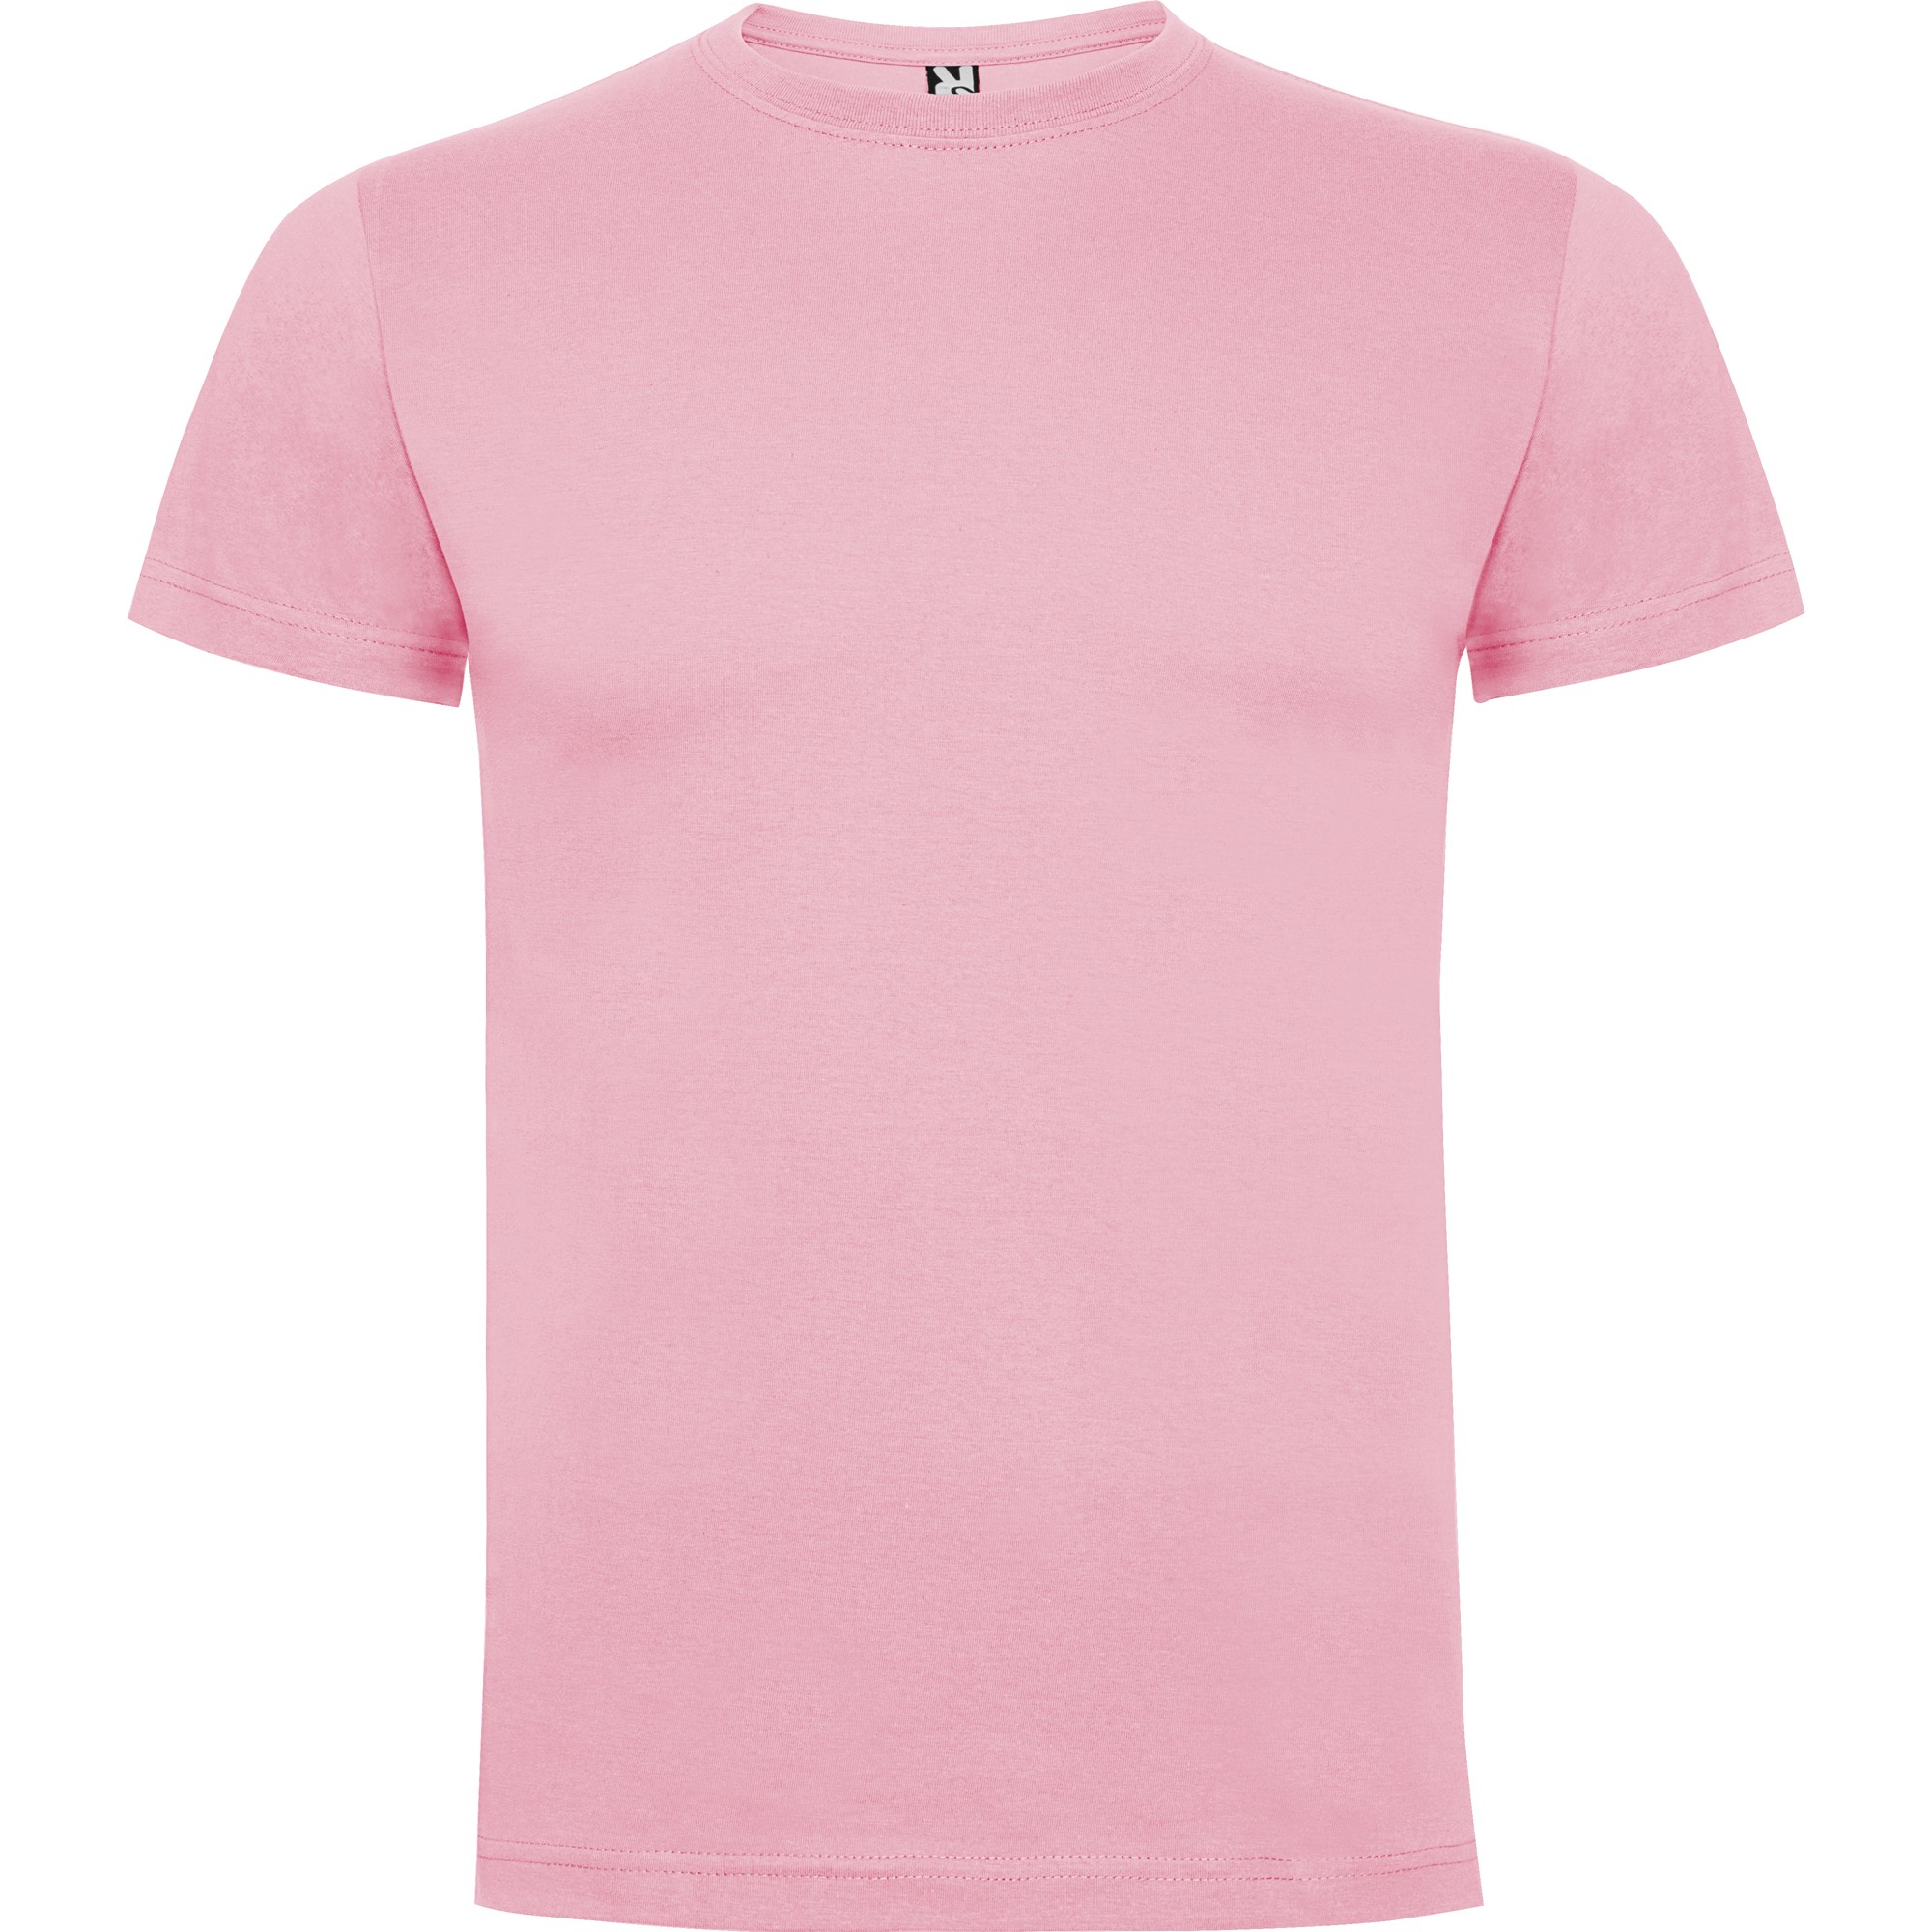 3bebc7956ccd6 Camiseta promocional Dogo Premium (CA6502) Rosa claro